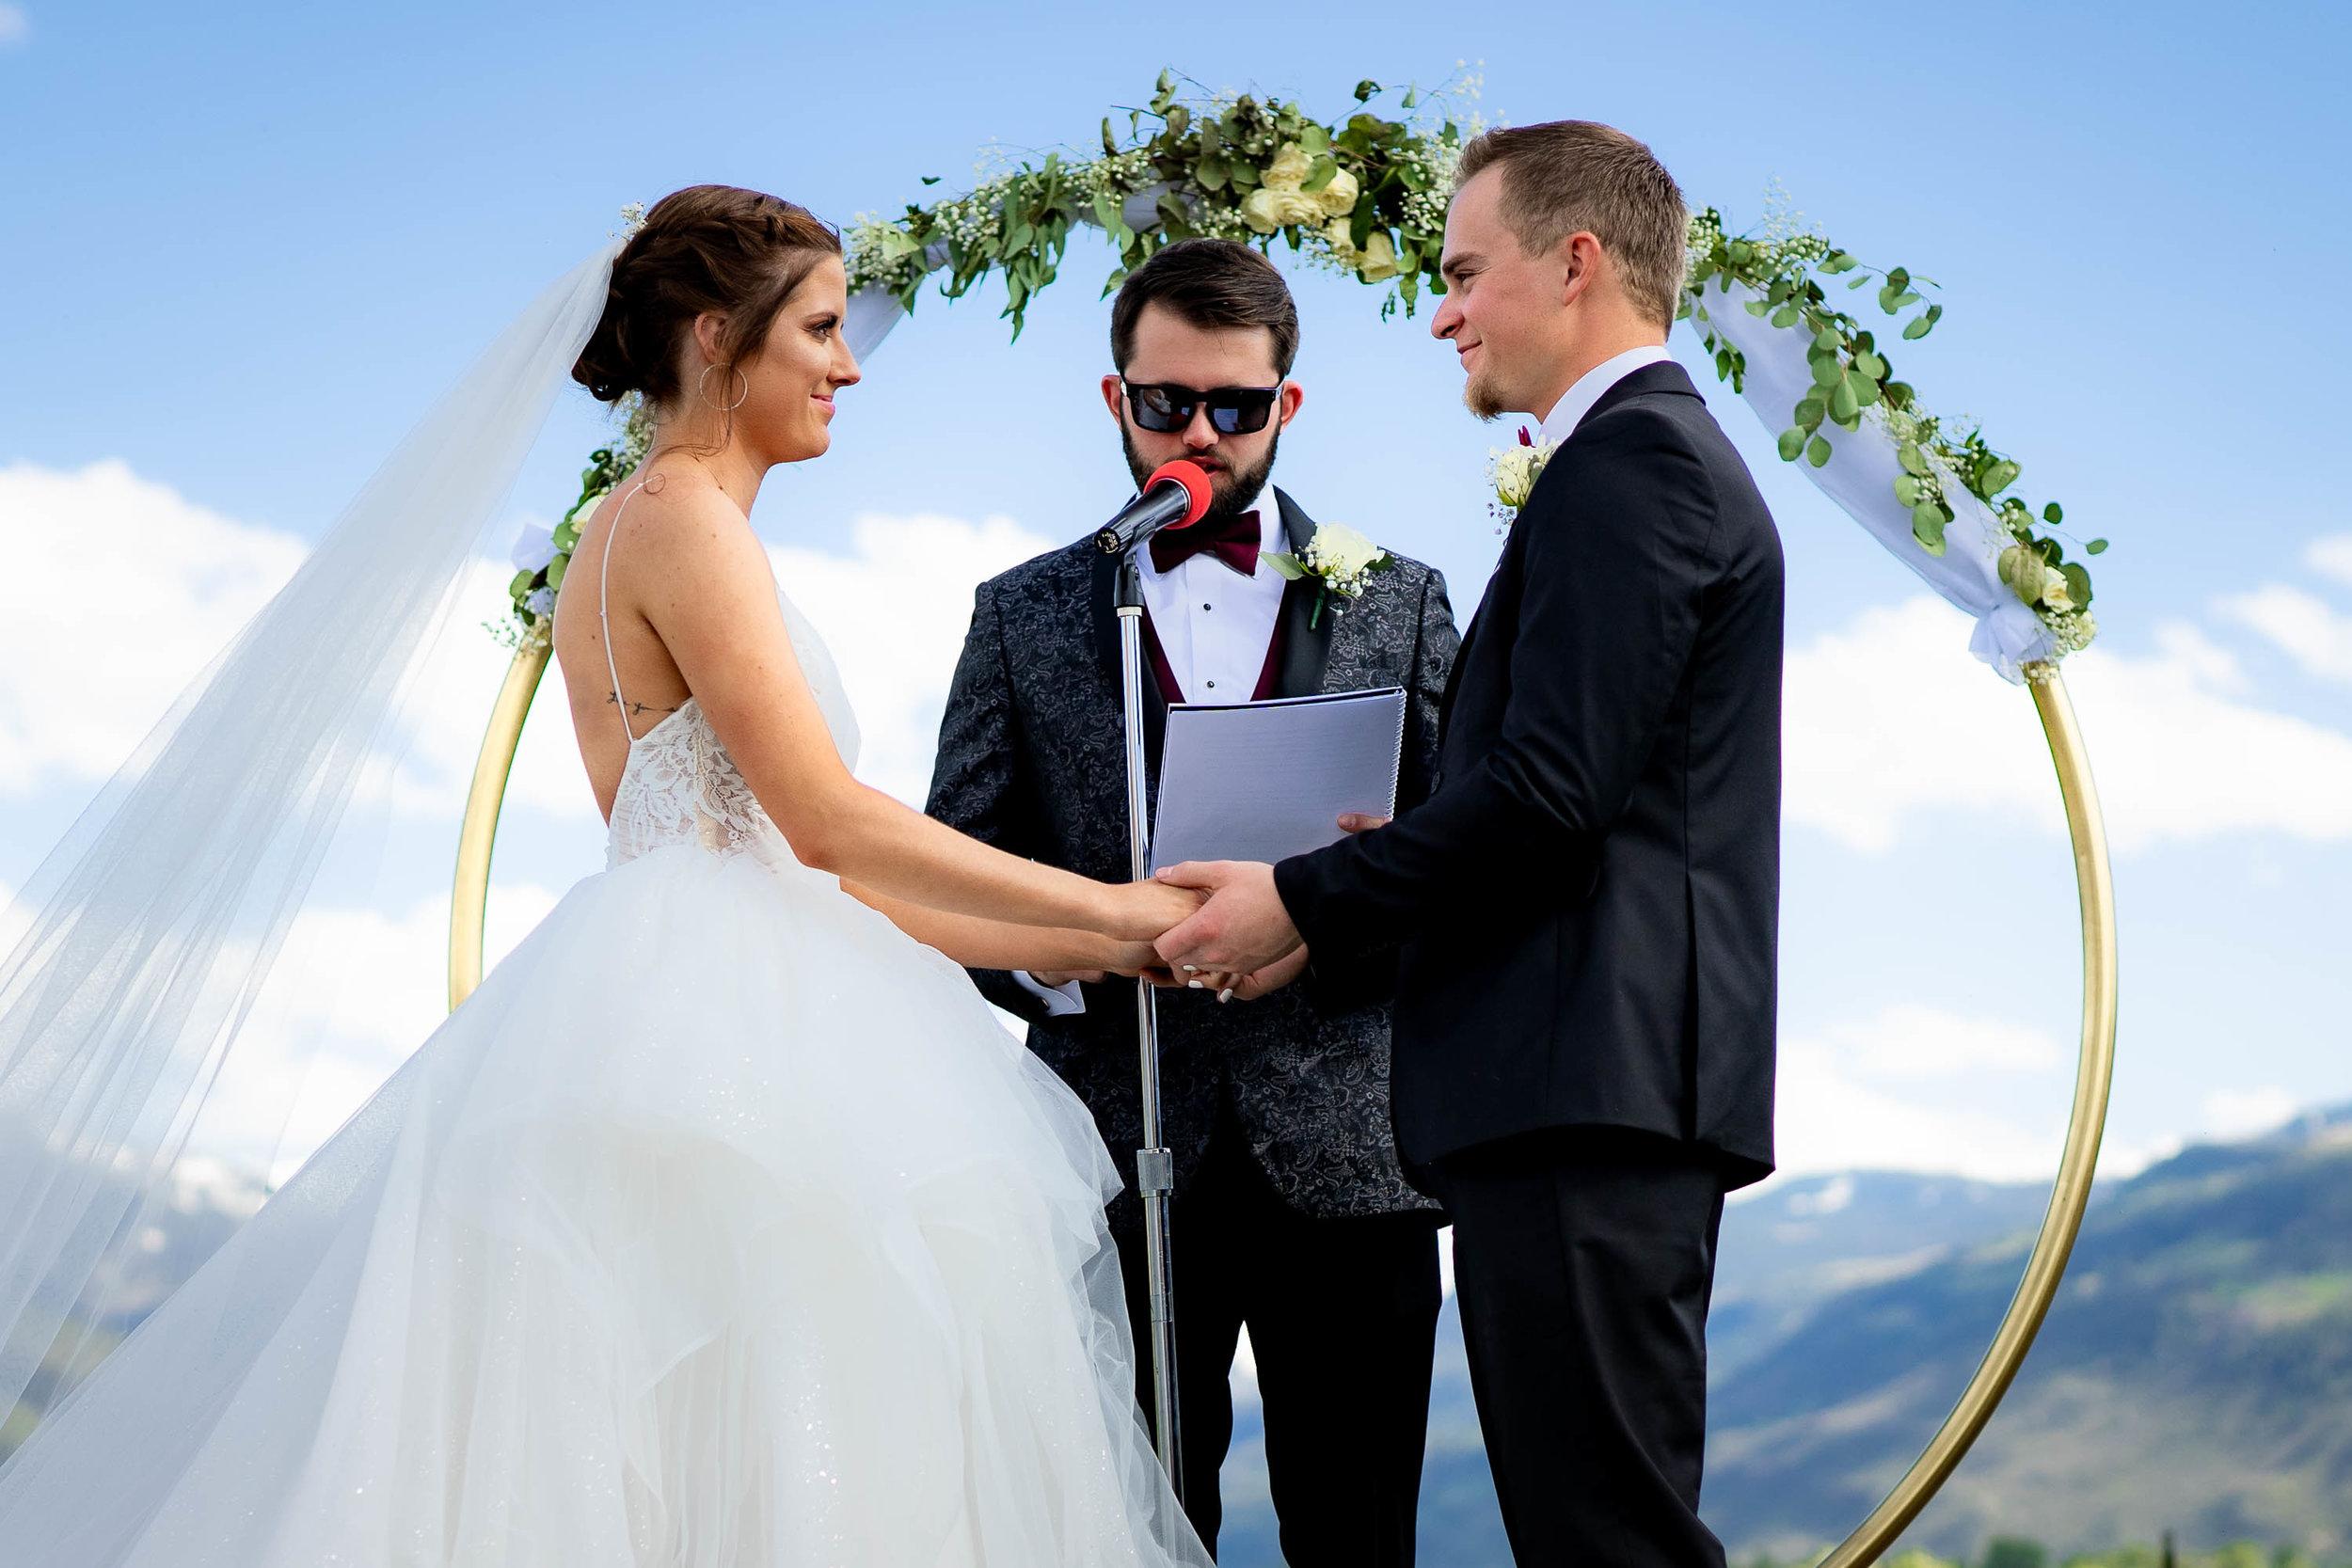 Kelsie_Nick_Ouray_Wedding-154.jpg